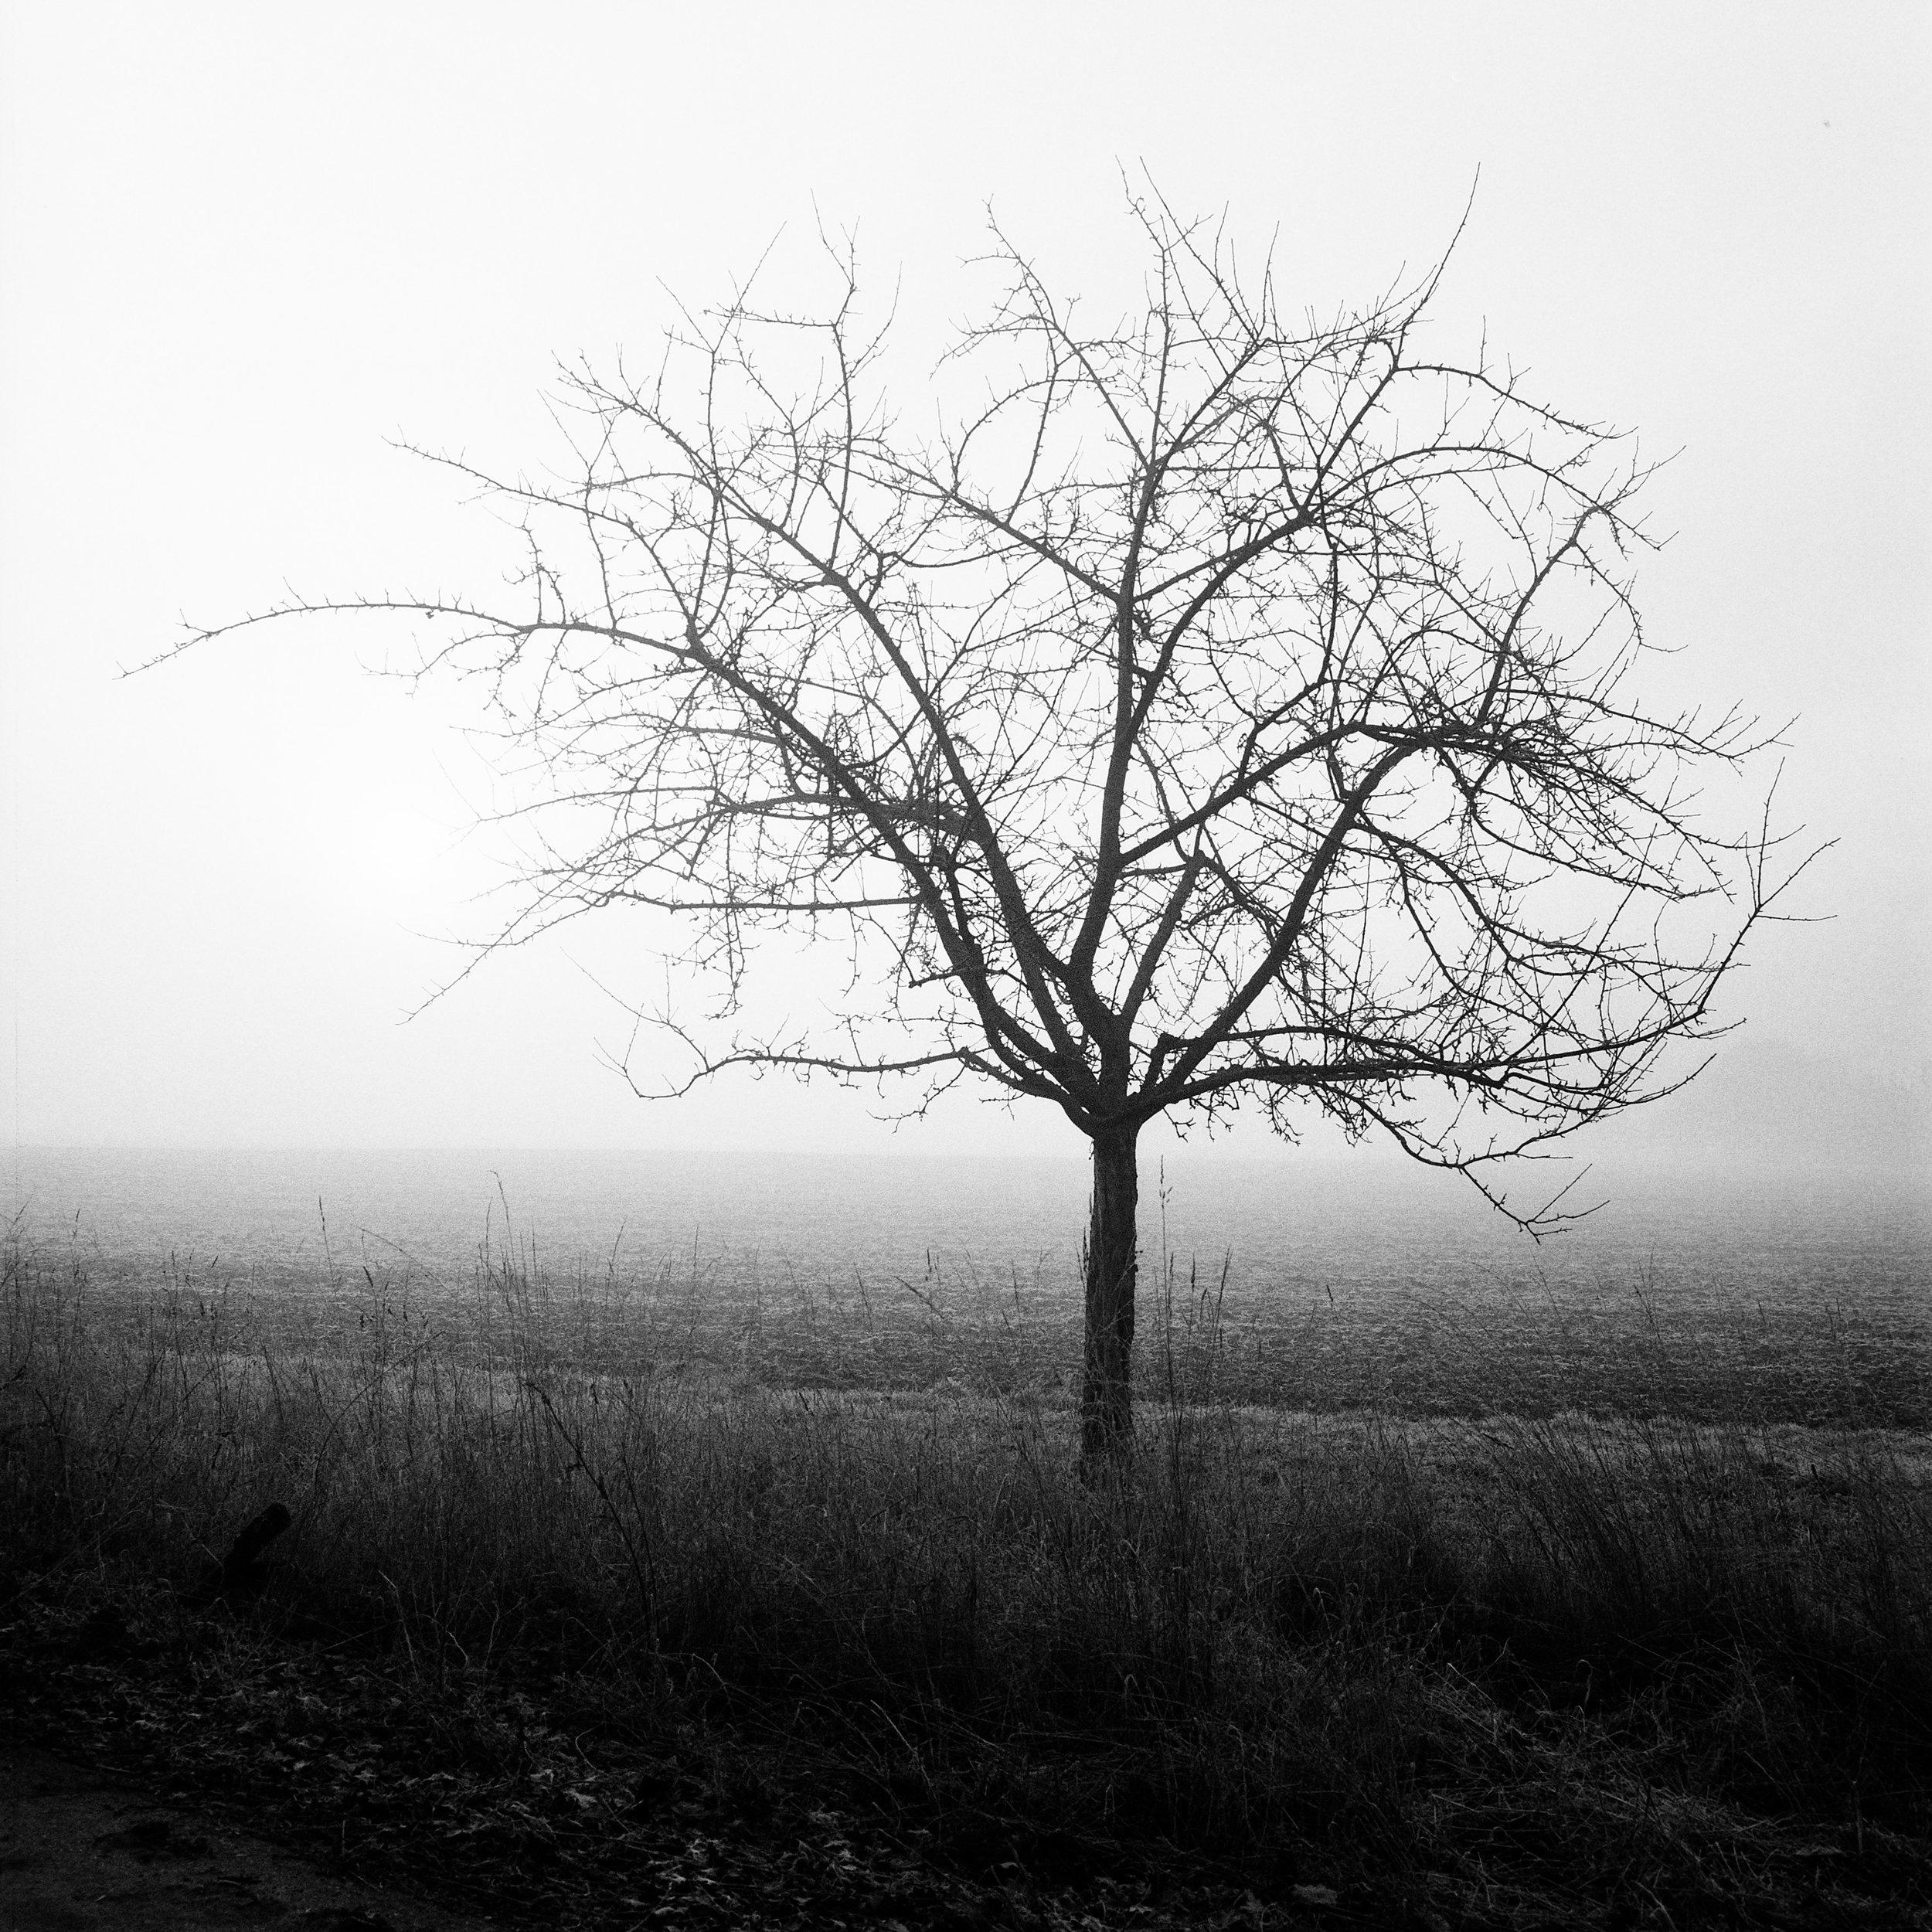 The Odd Branch